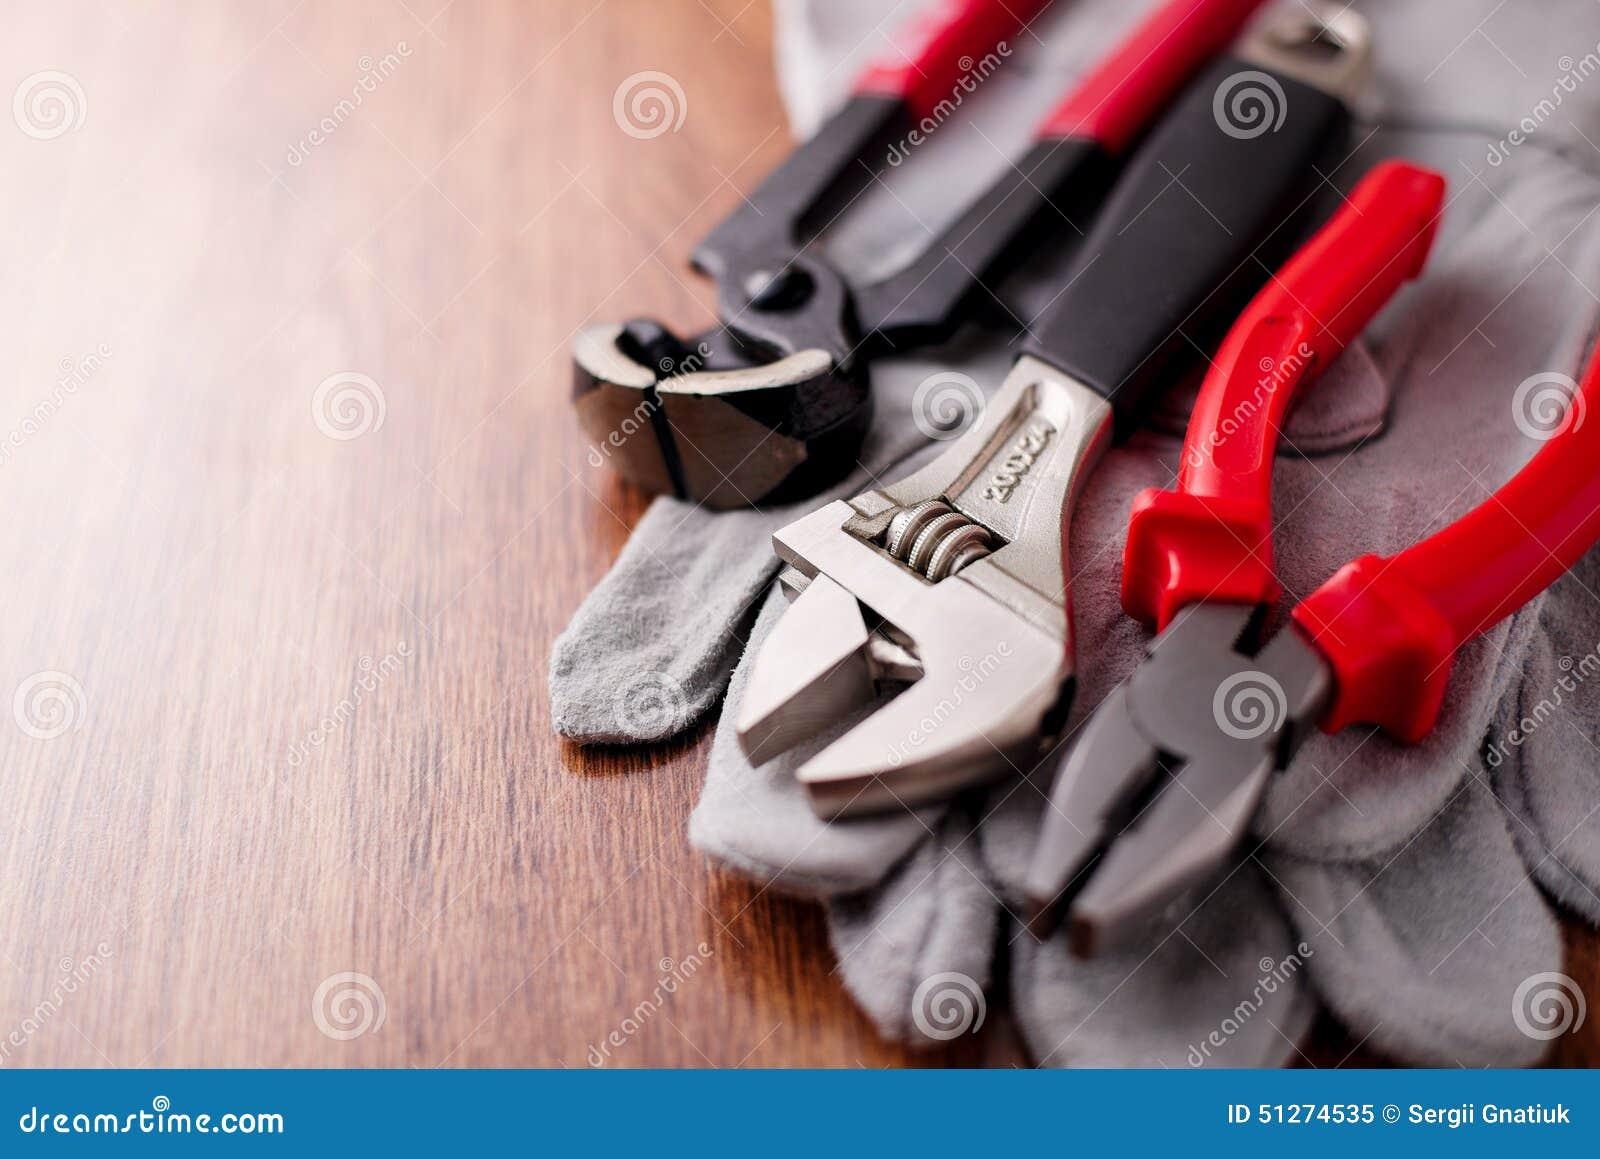 Den justerbara skiftnyckeln, plattång och spikar pulleren överst av de skyddande handskarna